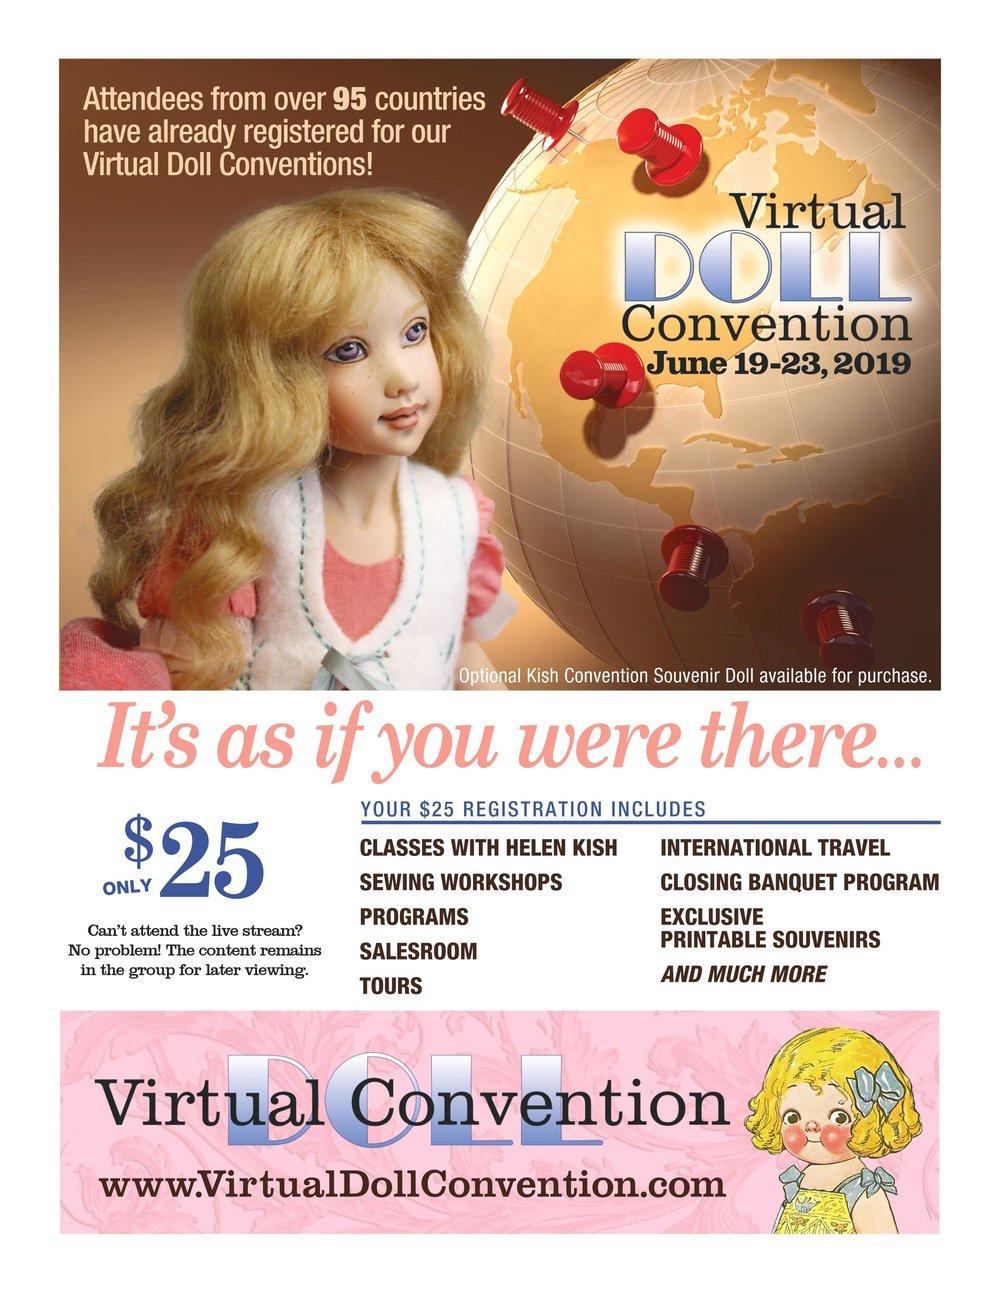 Virtual Doll Convention.jpg